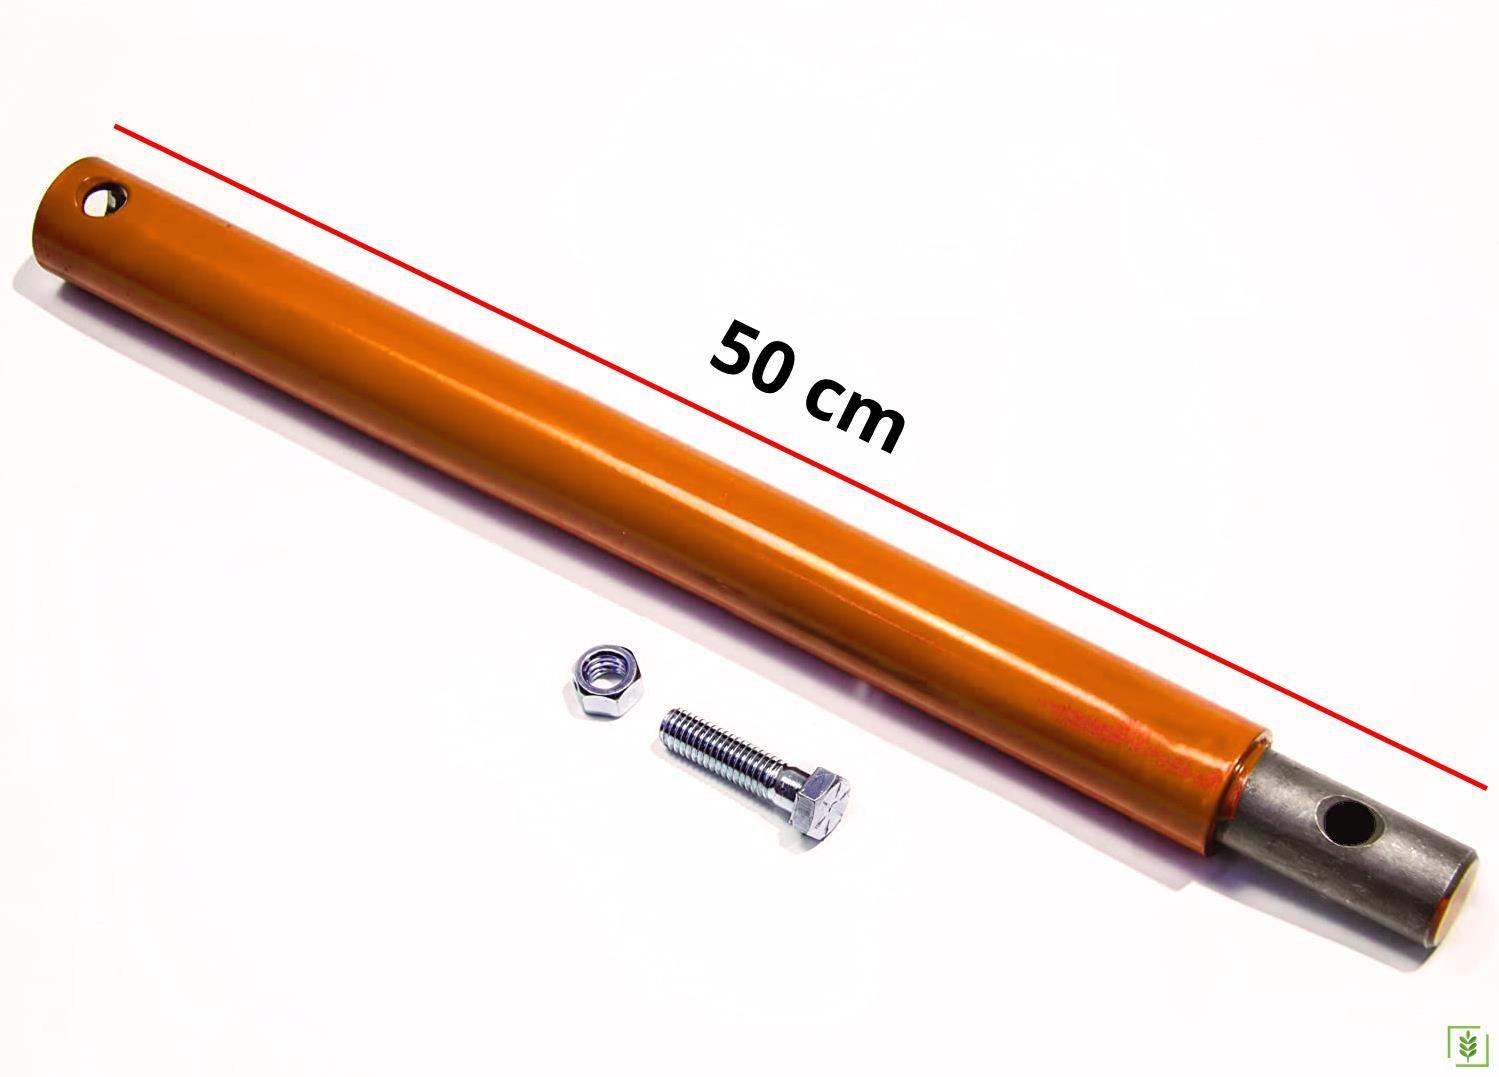 Tomking Toprak Burgu Makinası Uzatma Aparatı 50 cm